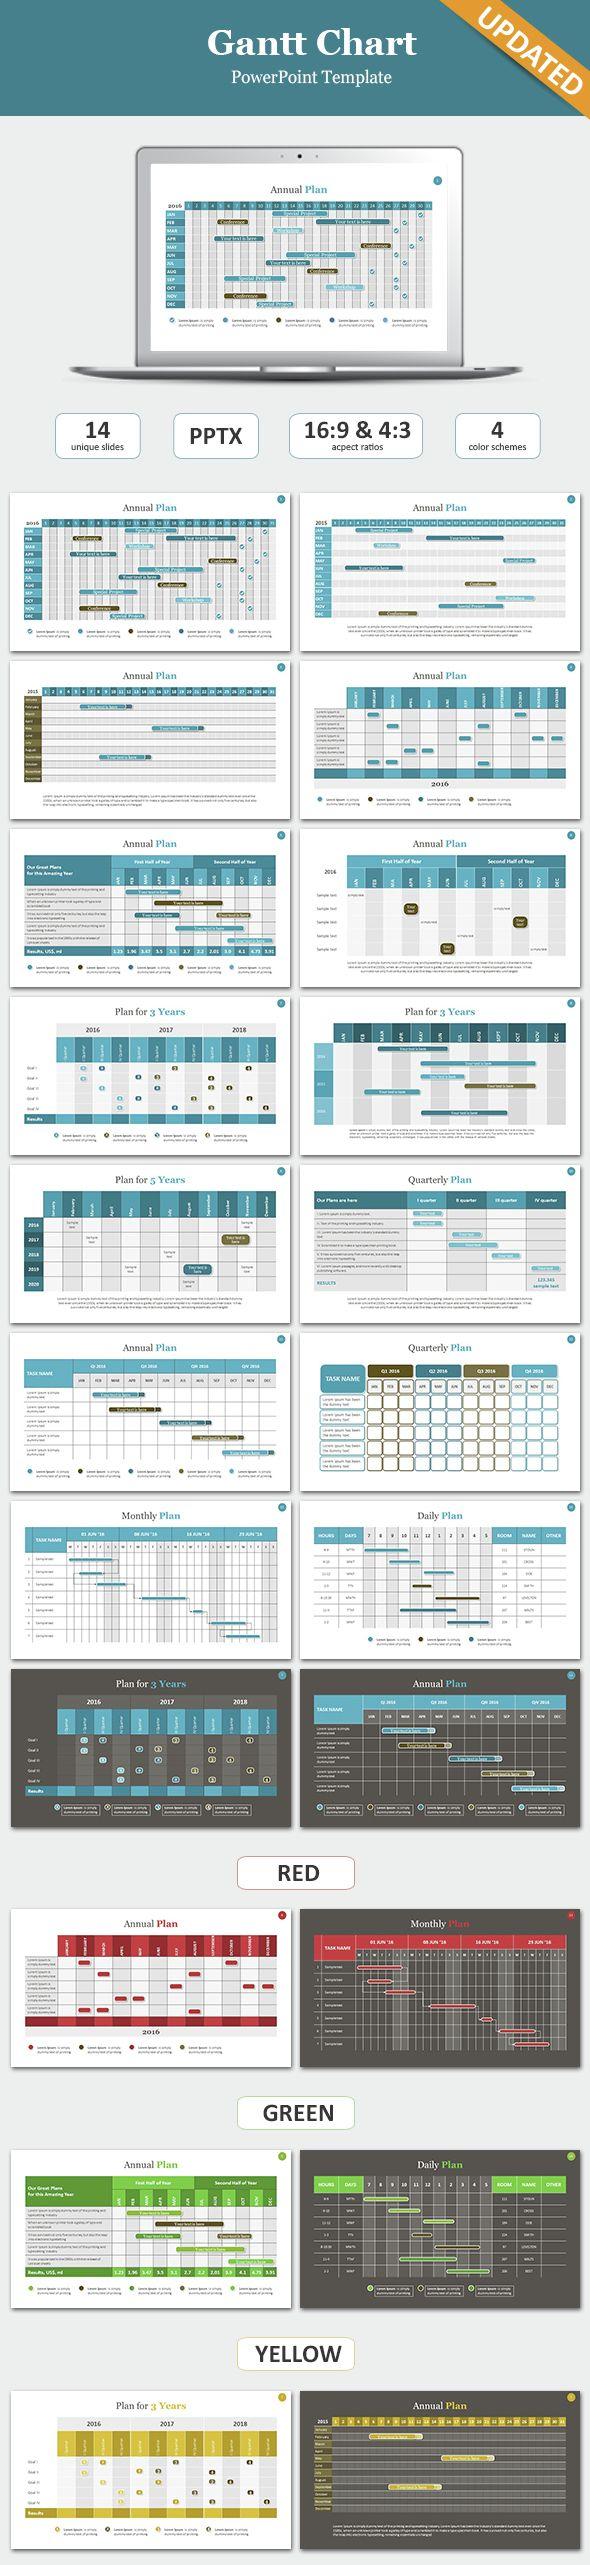 Gantt Chart Powerpoint Template  Presentation Templates Chart